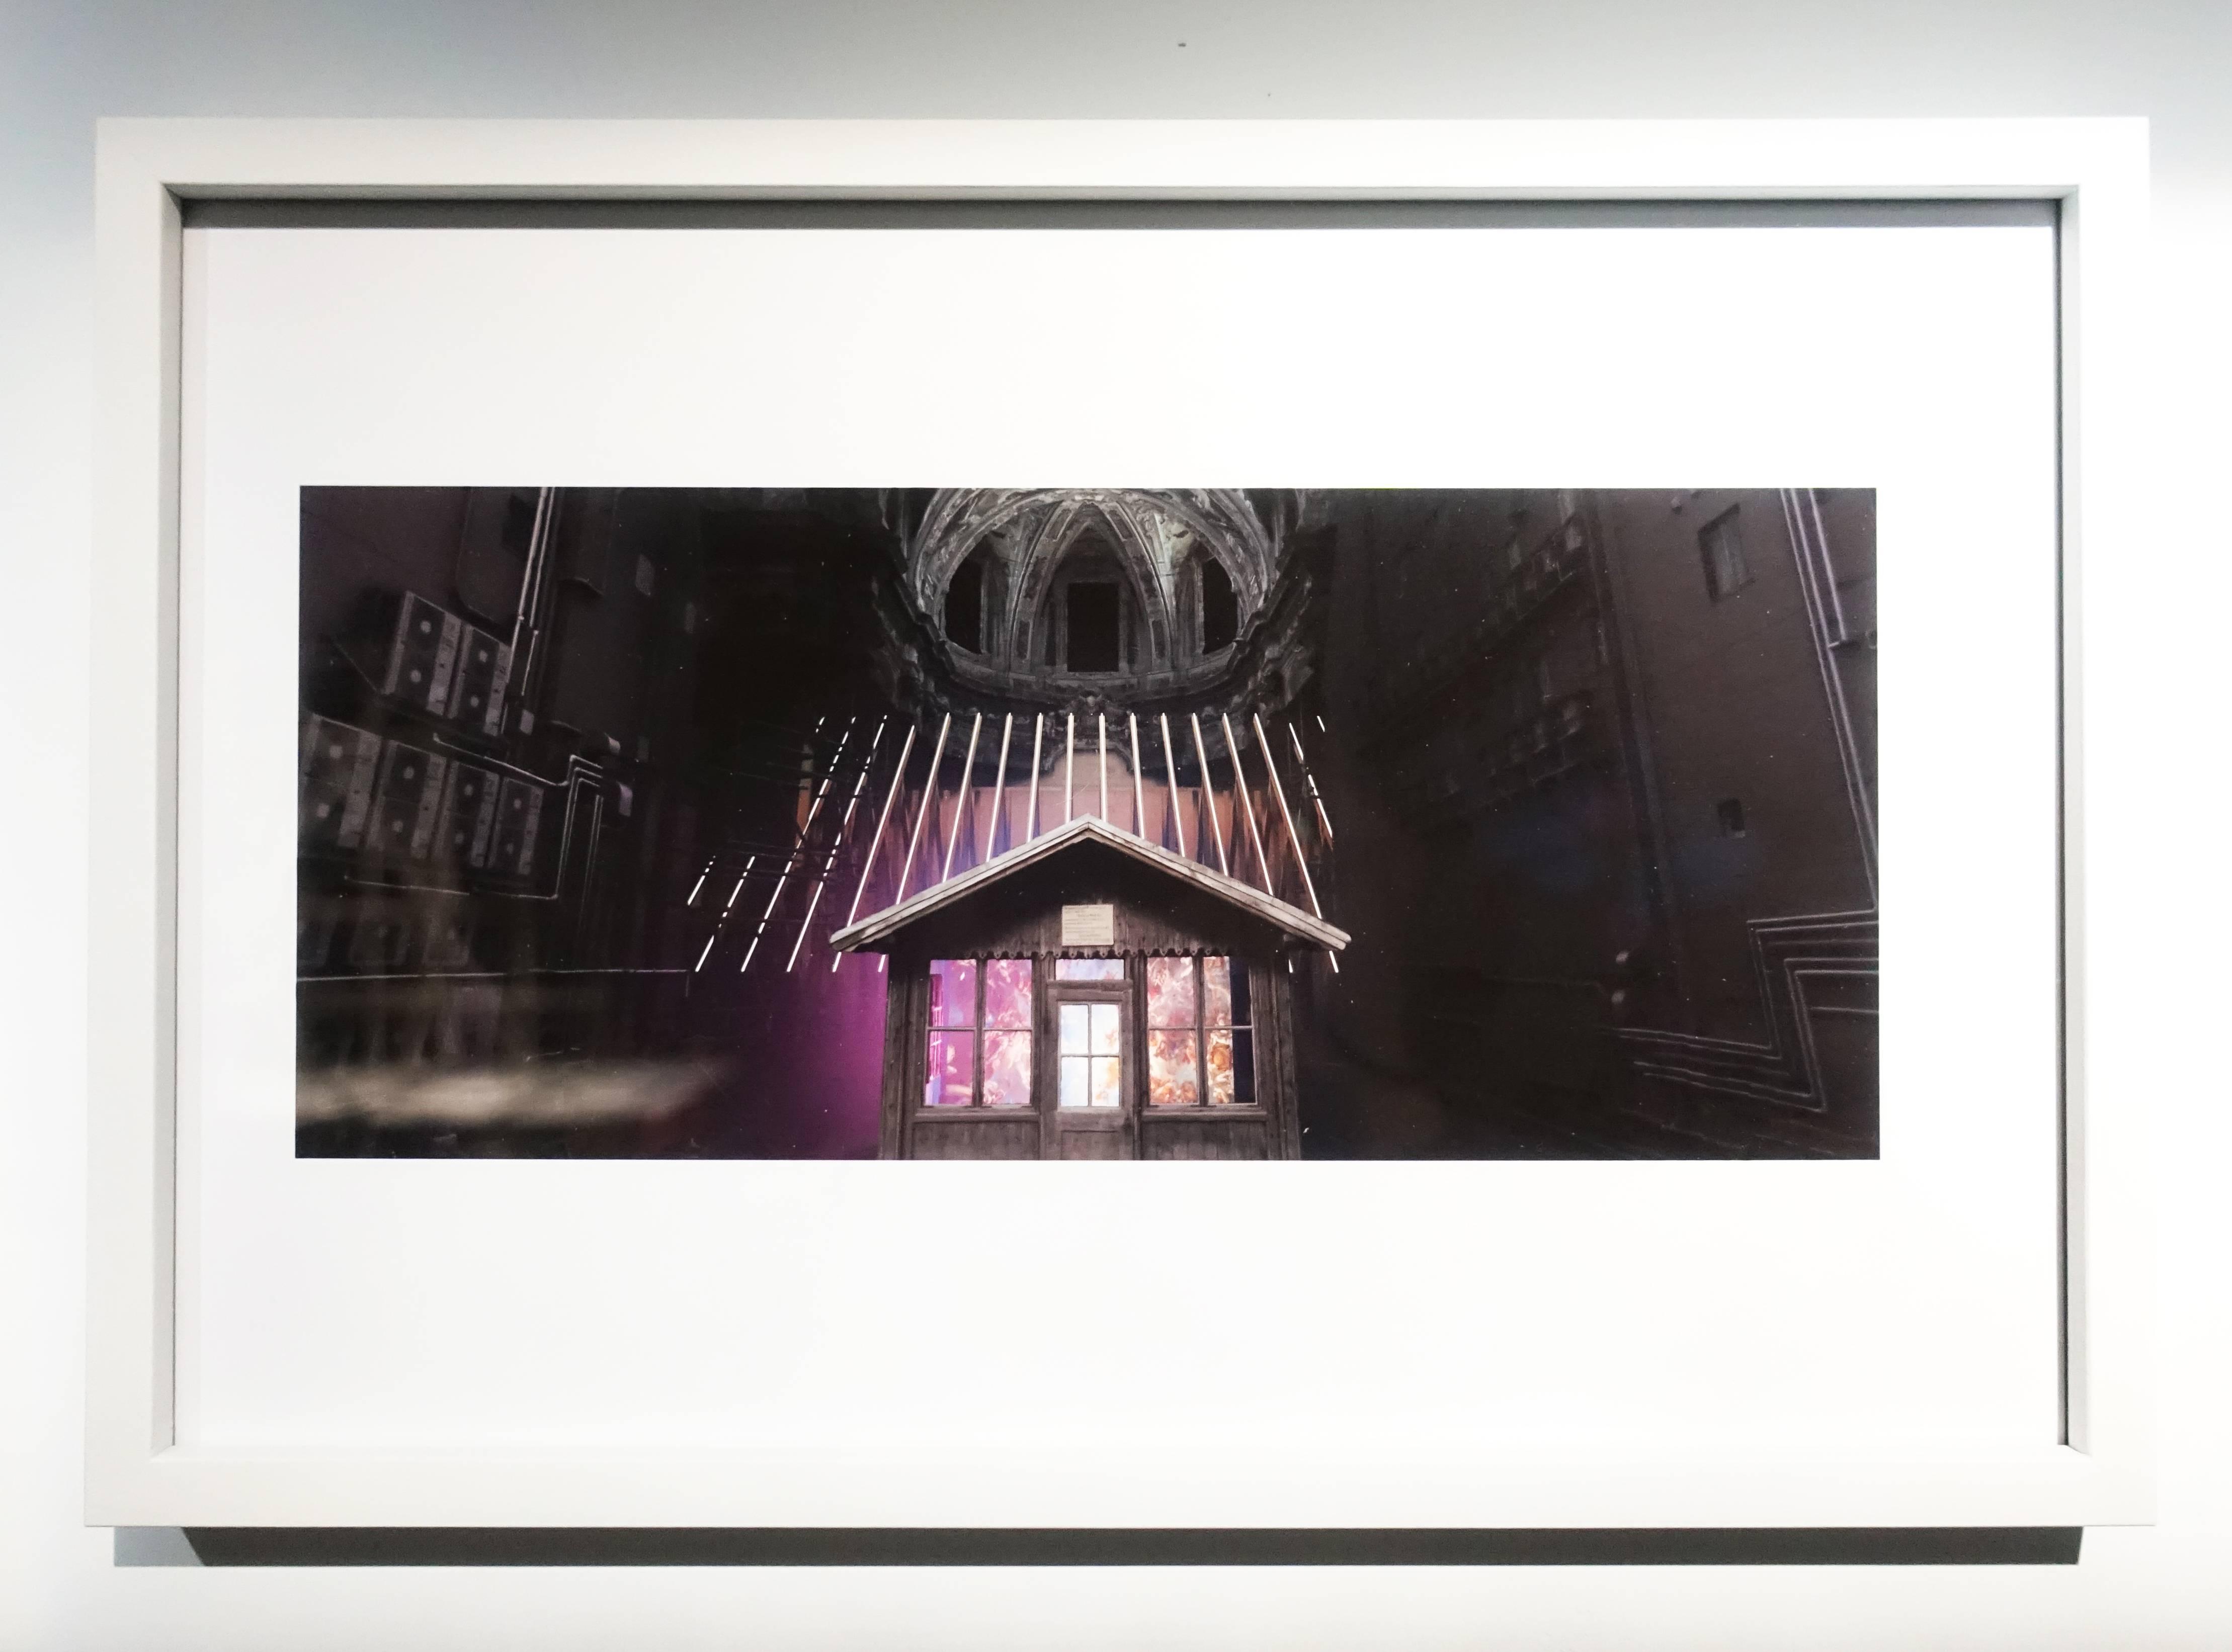 Florian Claar,《Wanderer Frame No.05765 漫遊者 影格No. 05765》,20 x 29.7cm,影像輸出,2019。